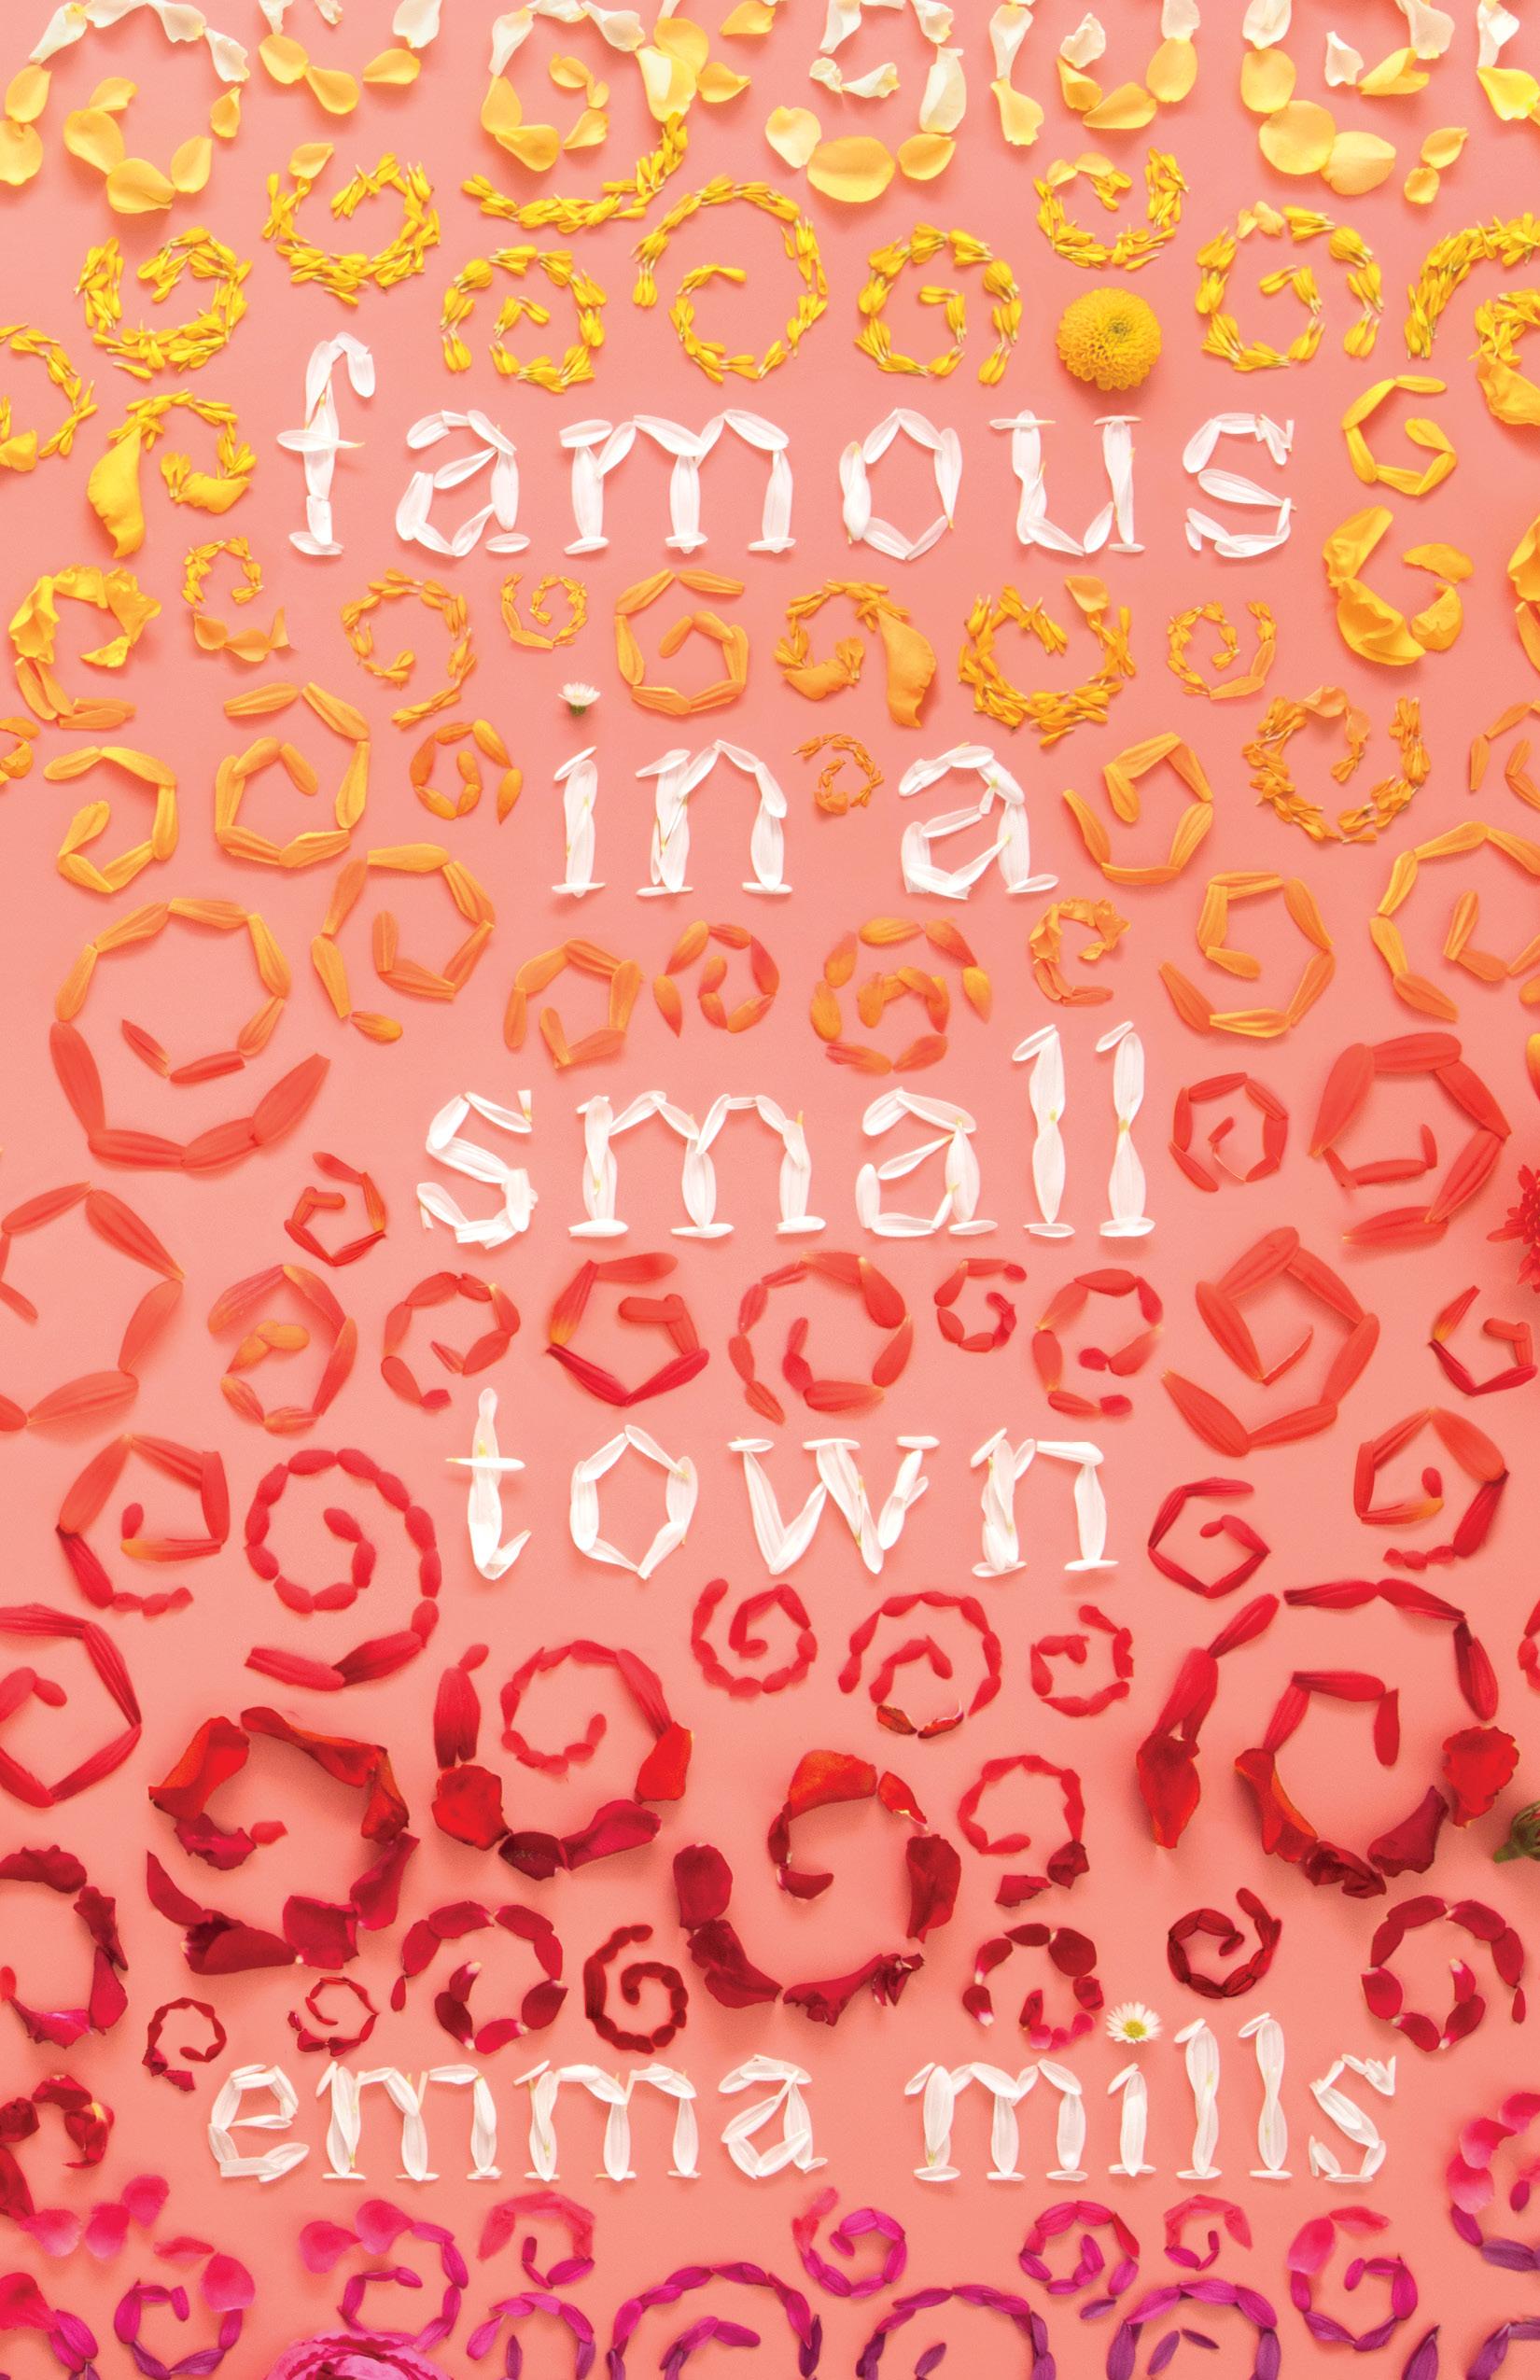 FamousSmallTown_CVR.jpg